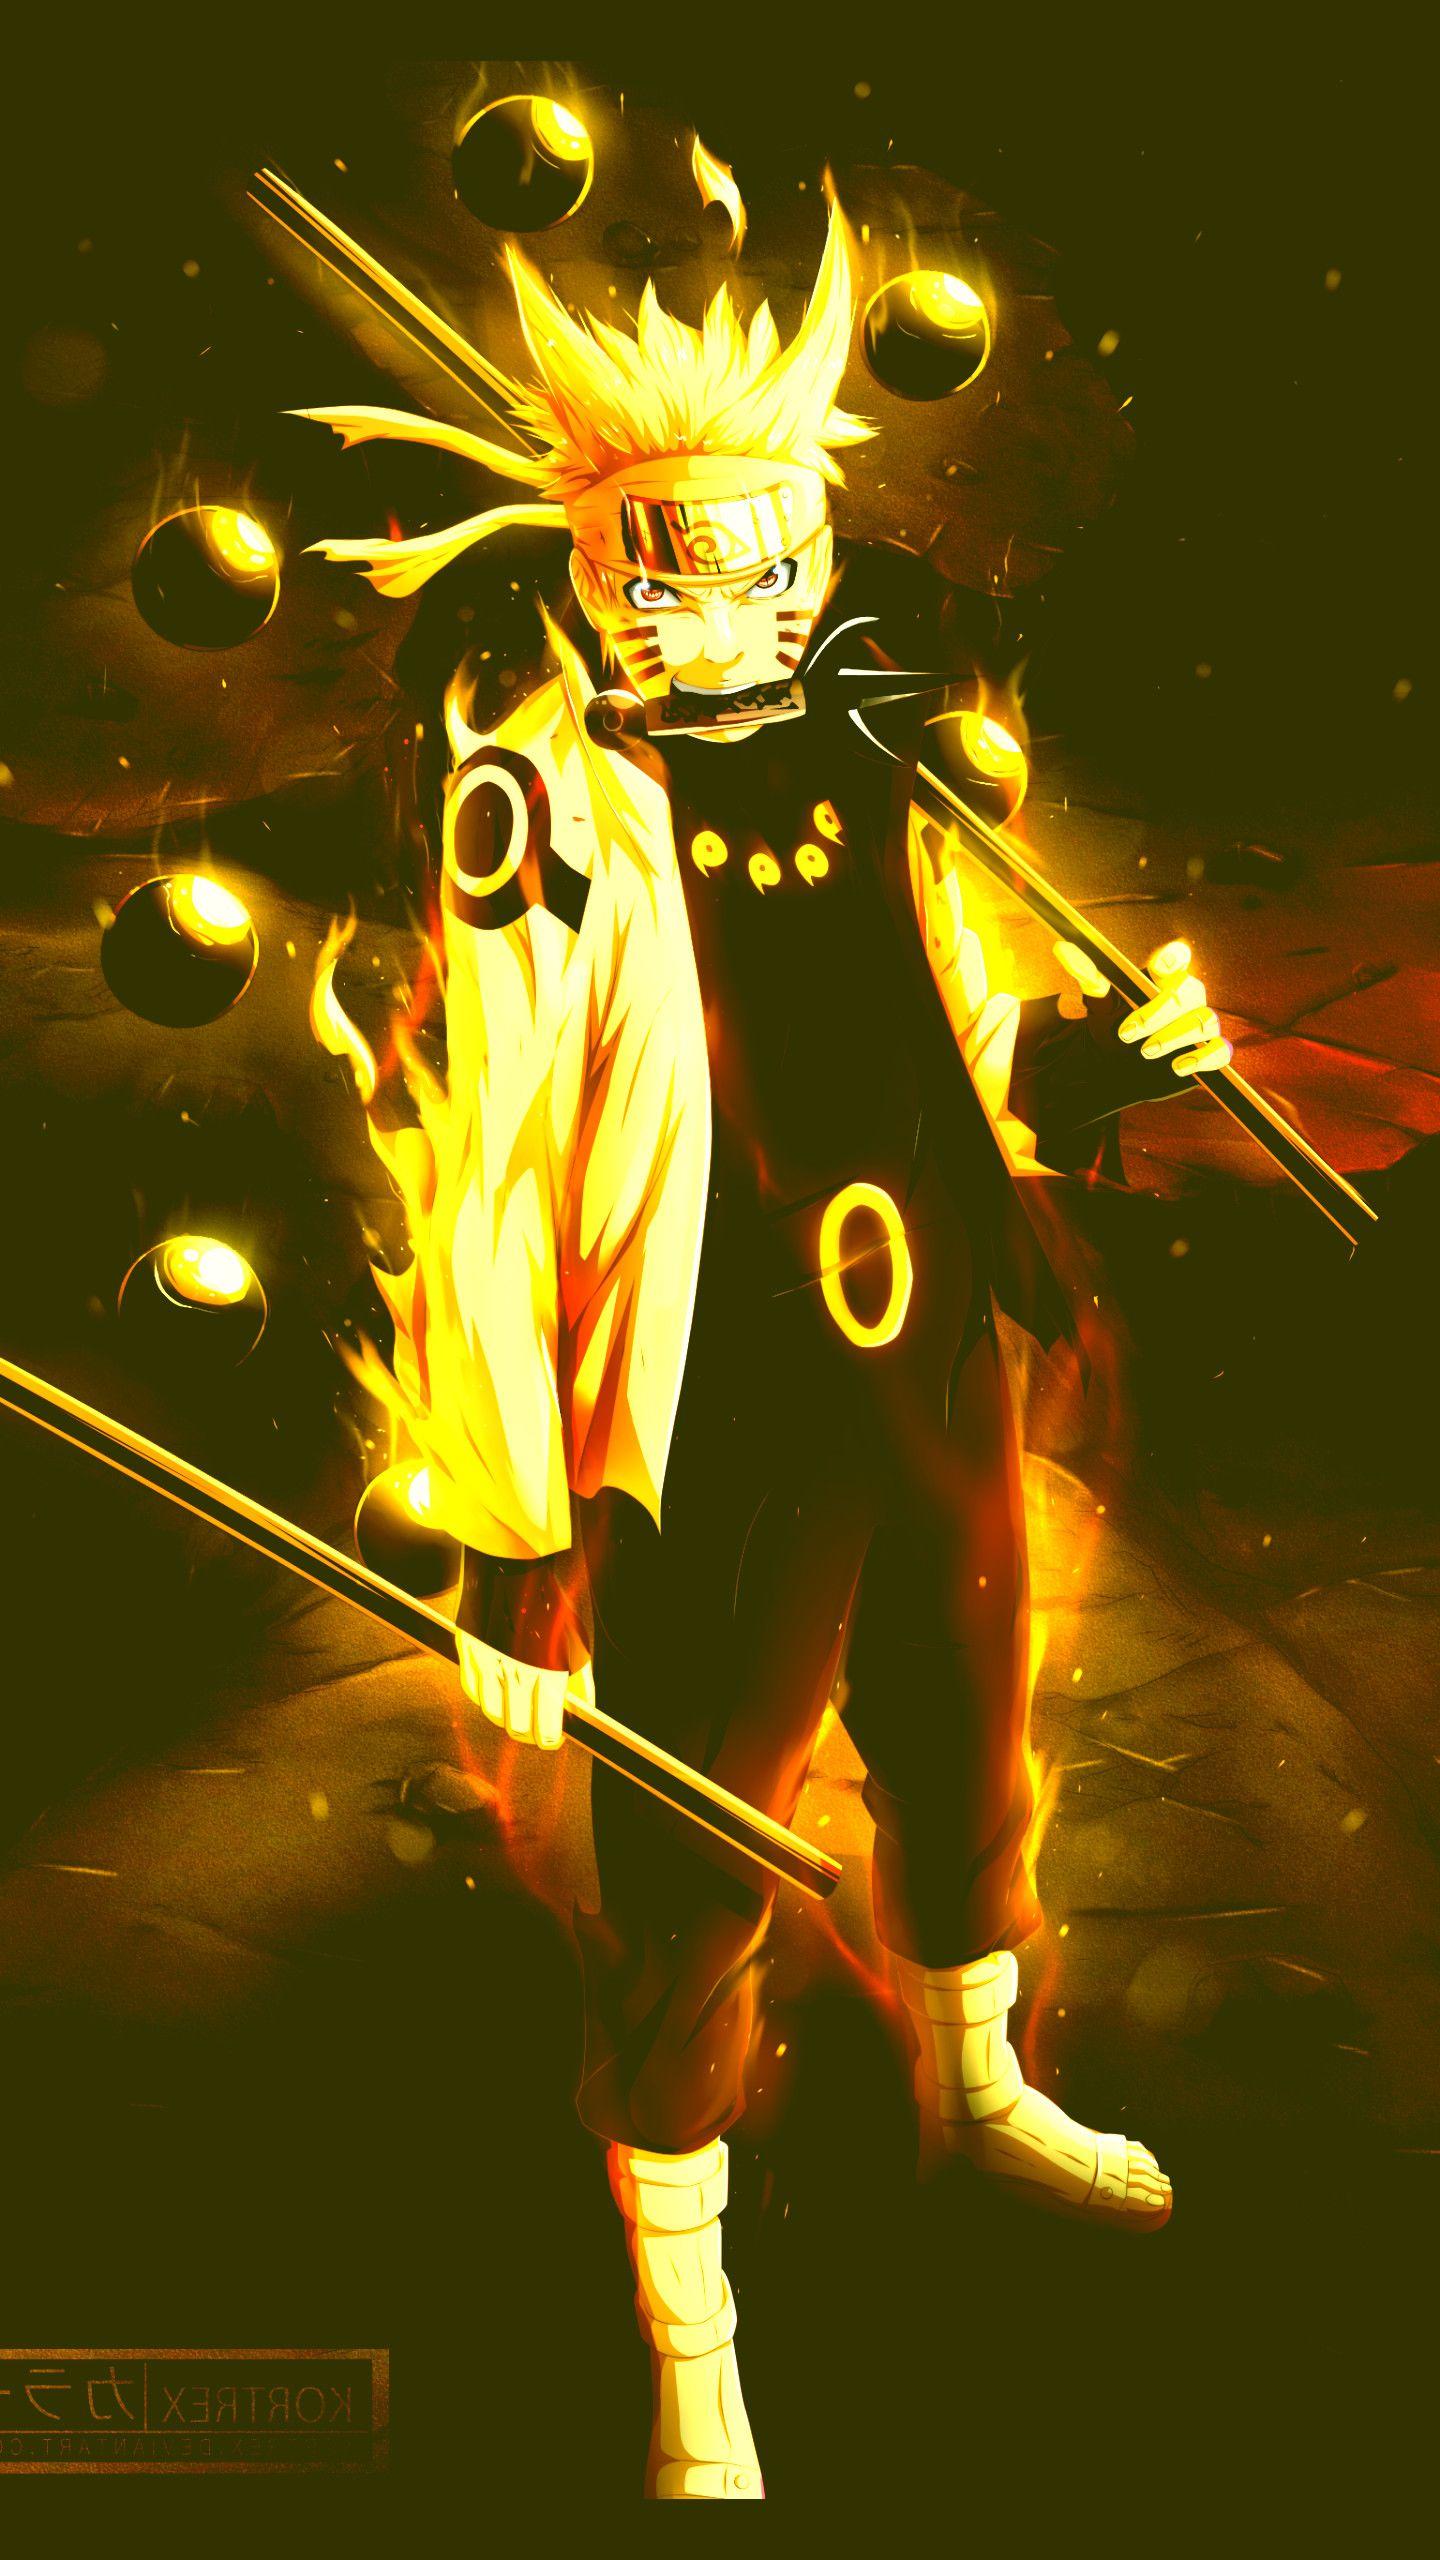 4K Naruto Wallpaper wallpapers 2020 Goku vs freeza